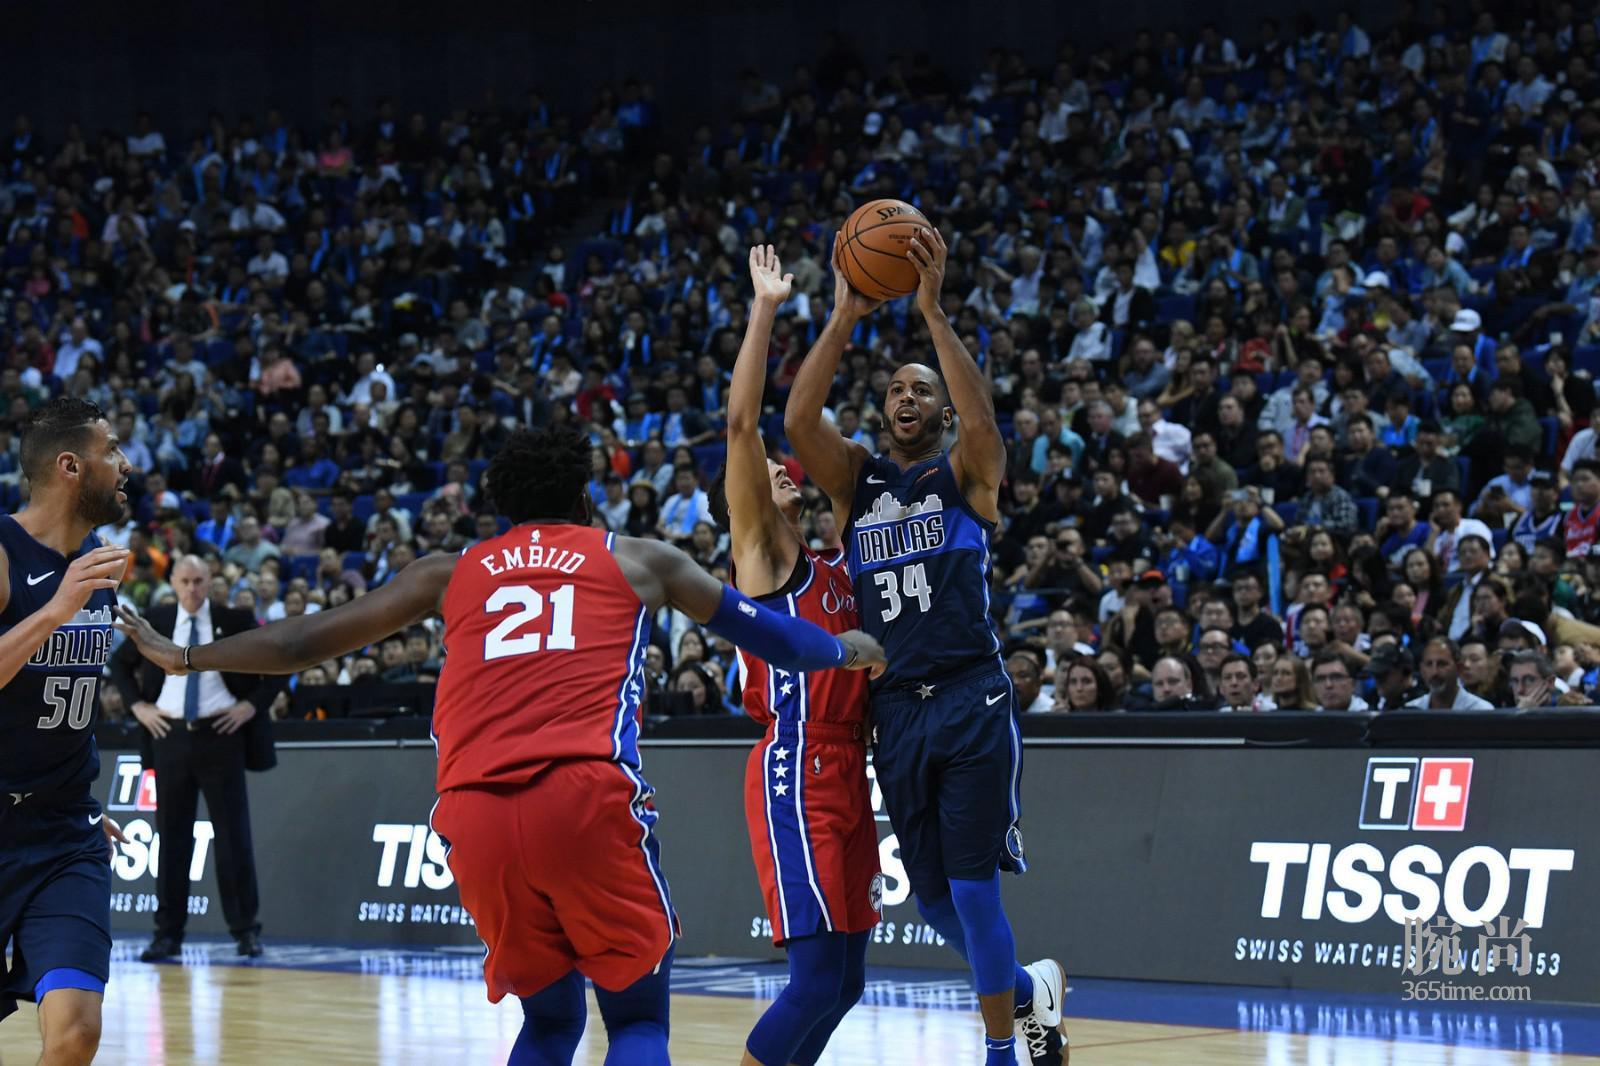 图6:NBA中国赛上海站现场战况激烈.jpg